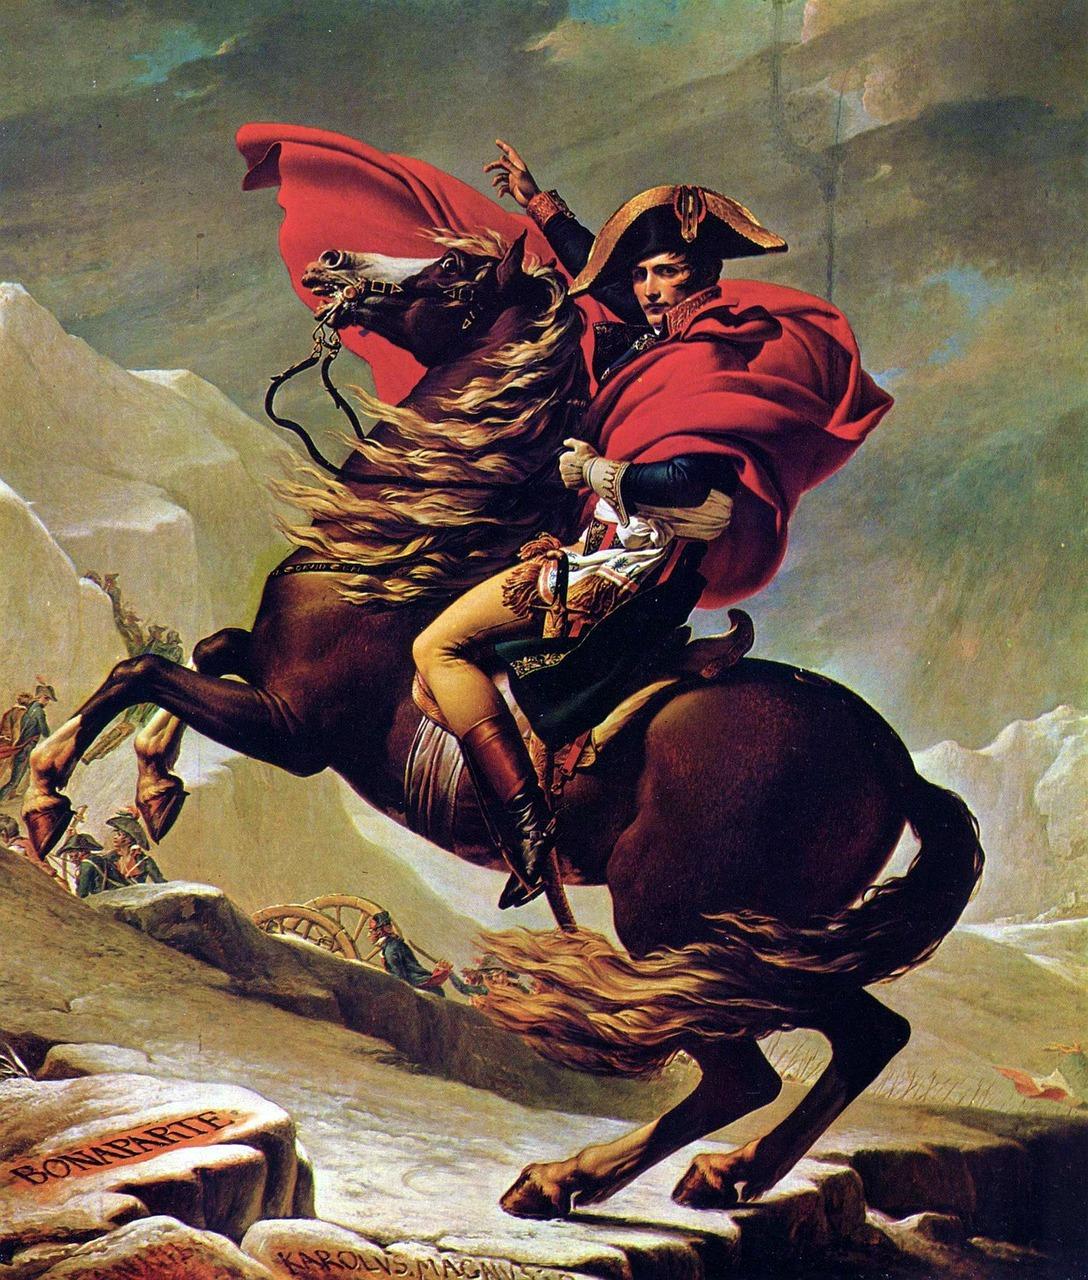 ナポレオン・ポナパルと